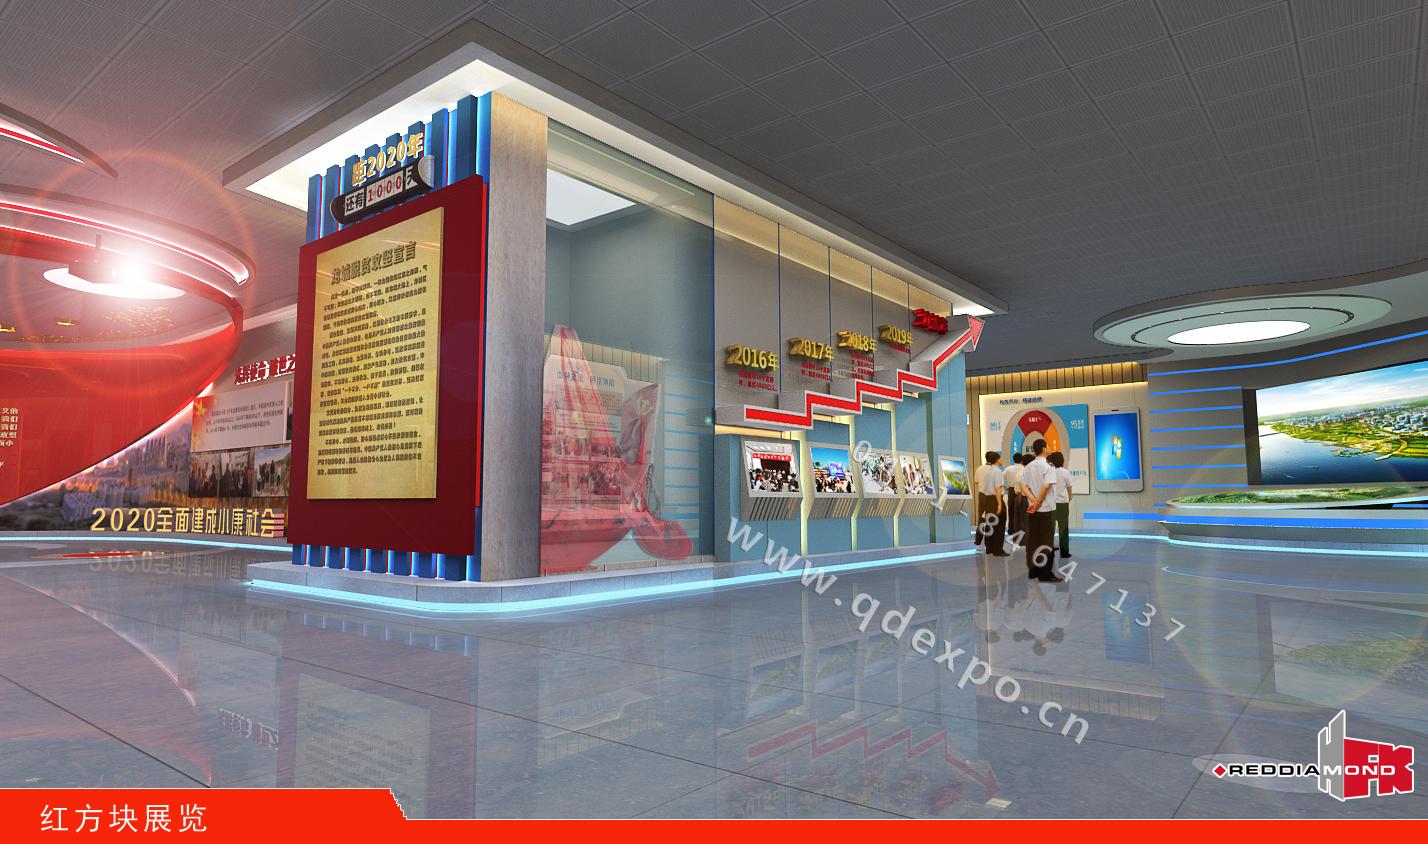 红色展馆设计-红方块红色展馆设计图片